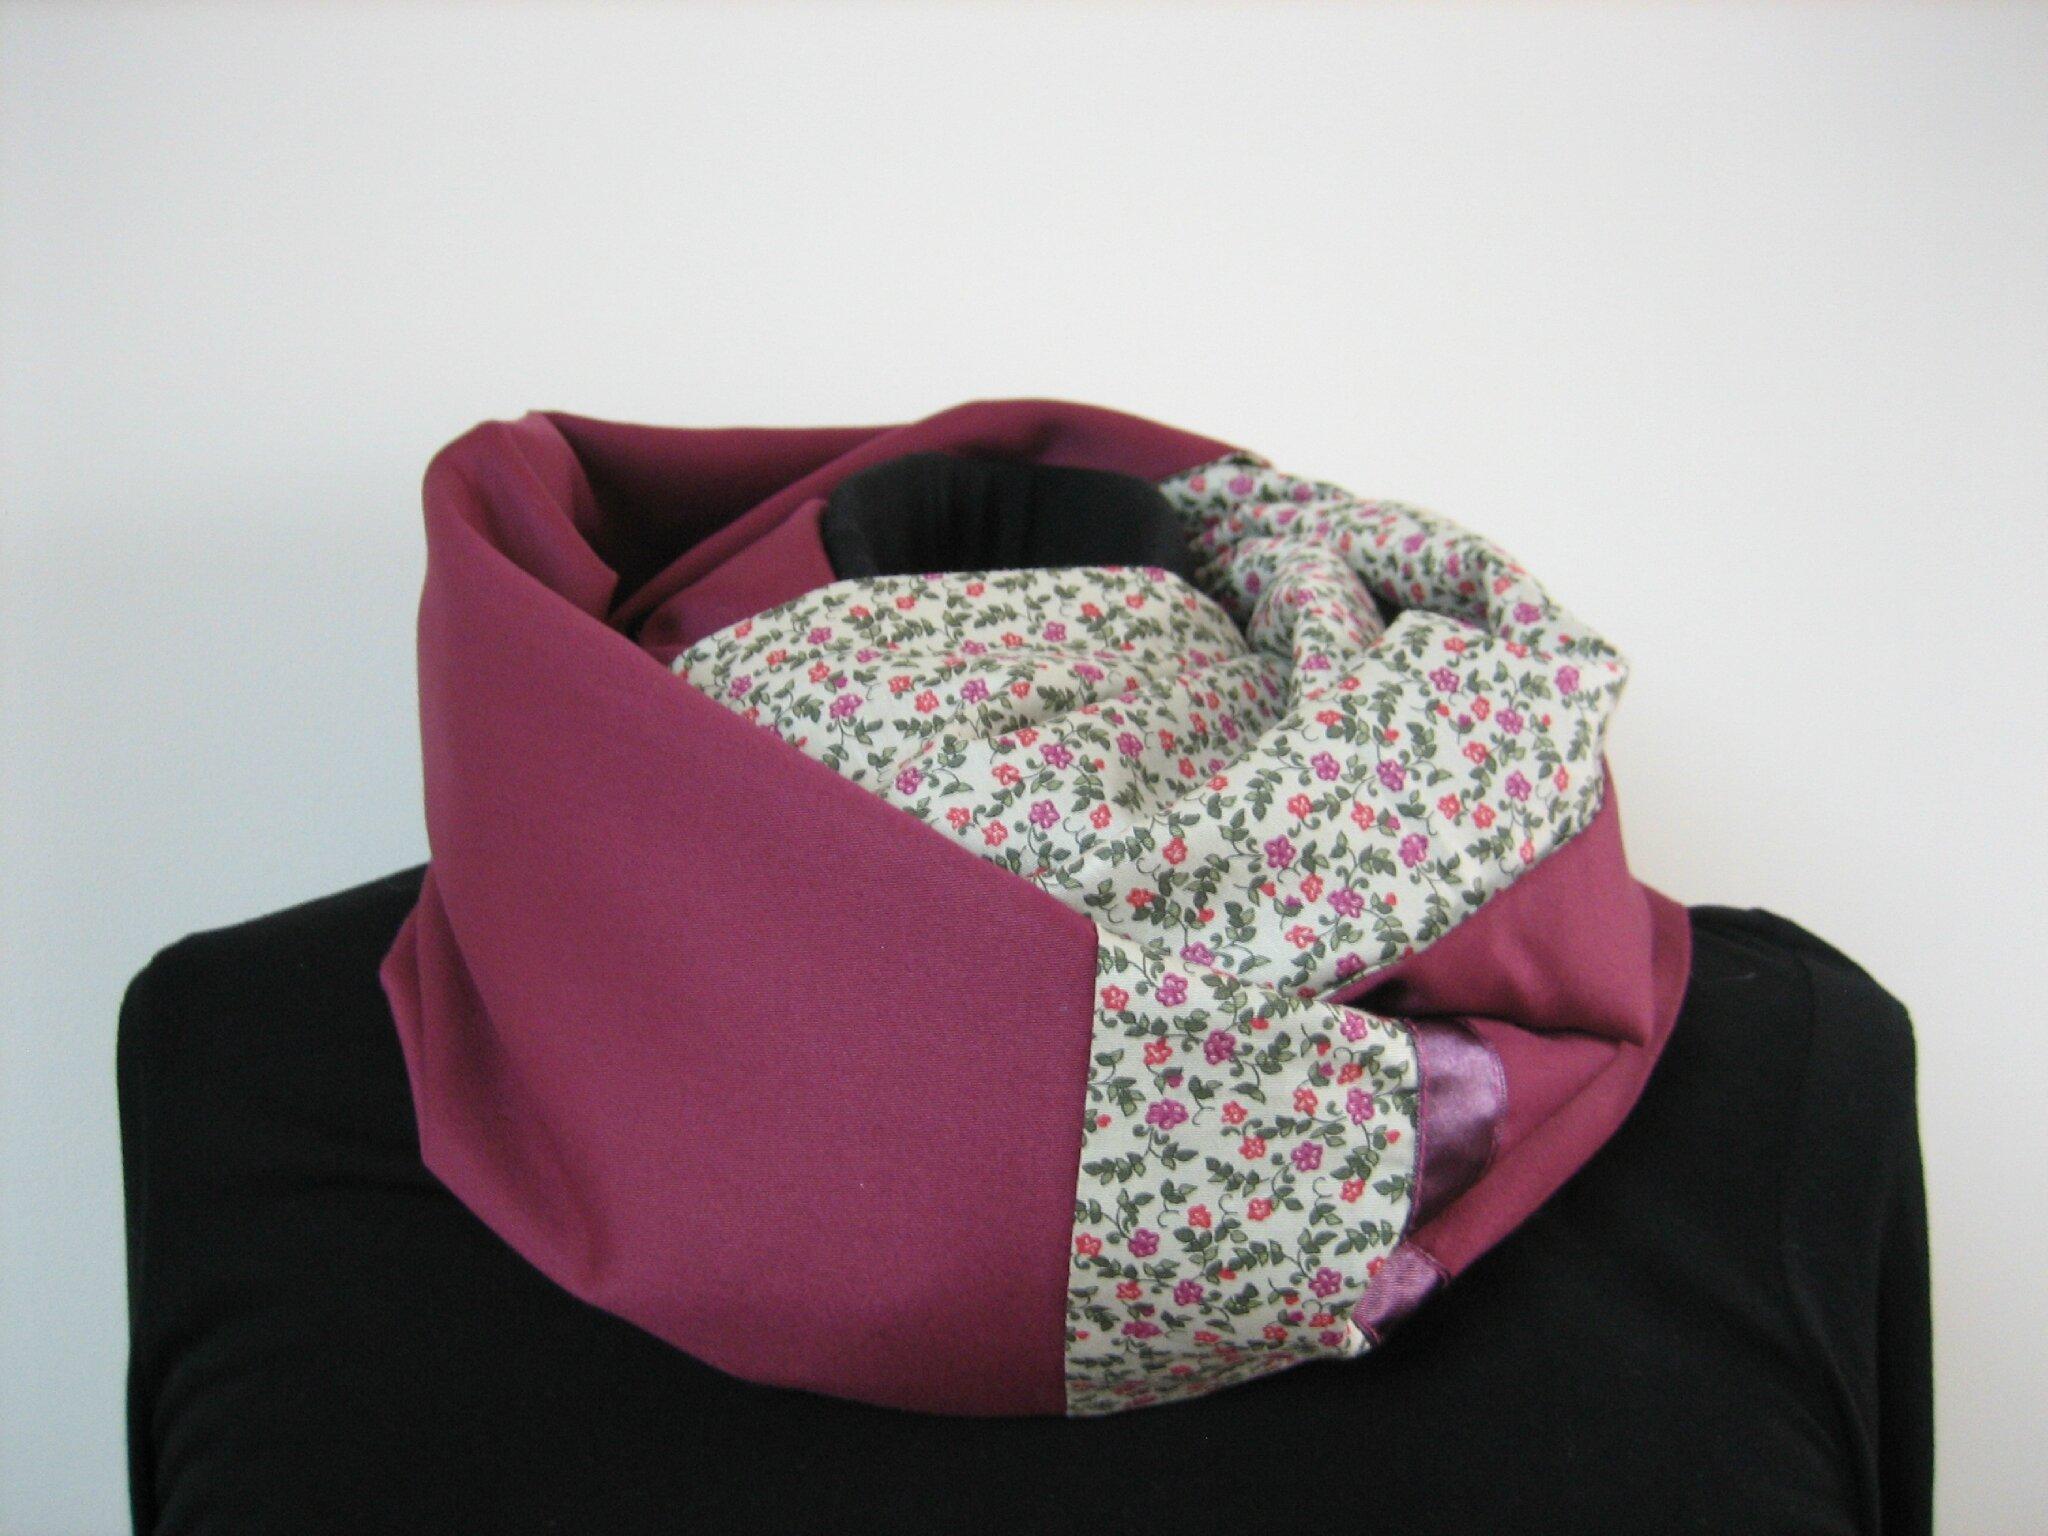 accessoires violets 020